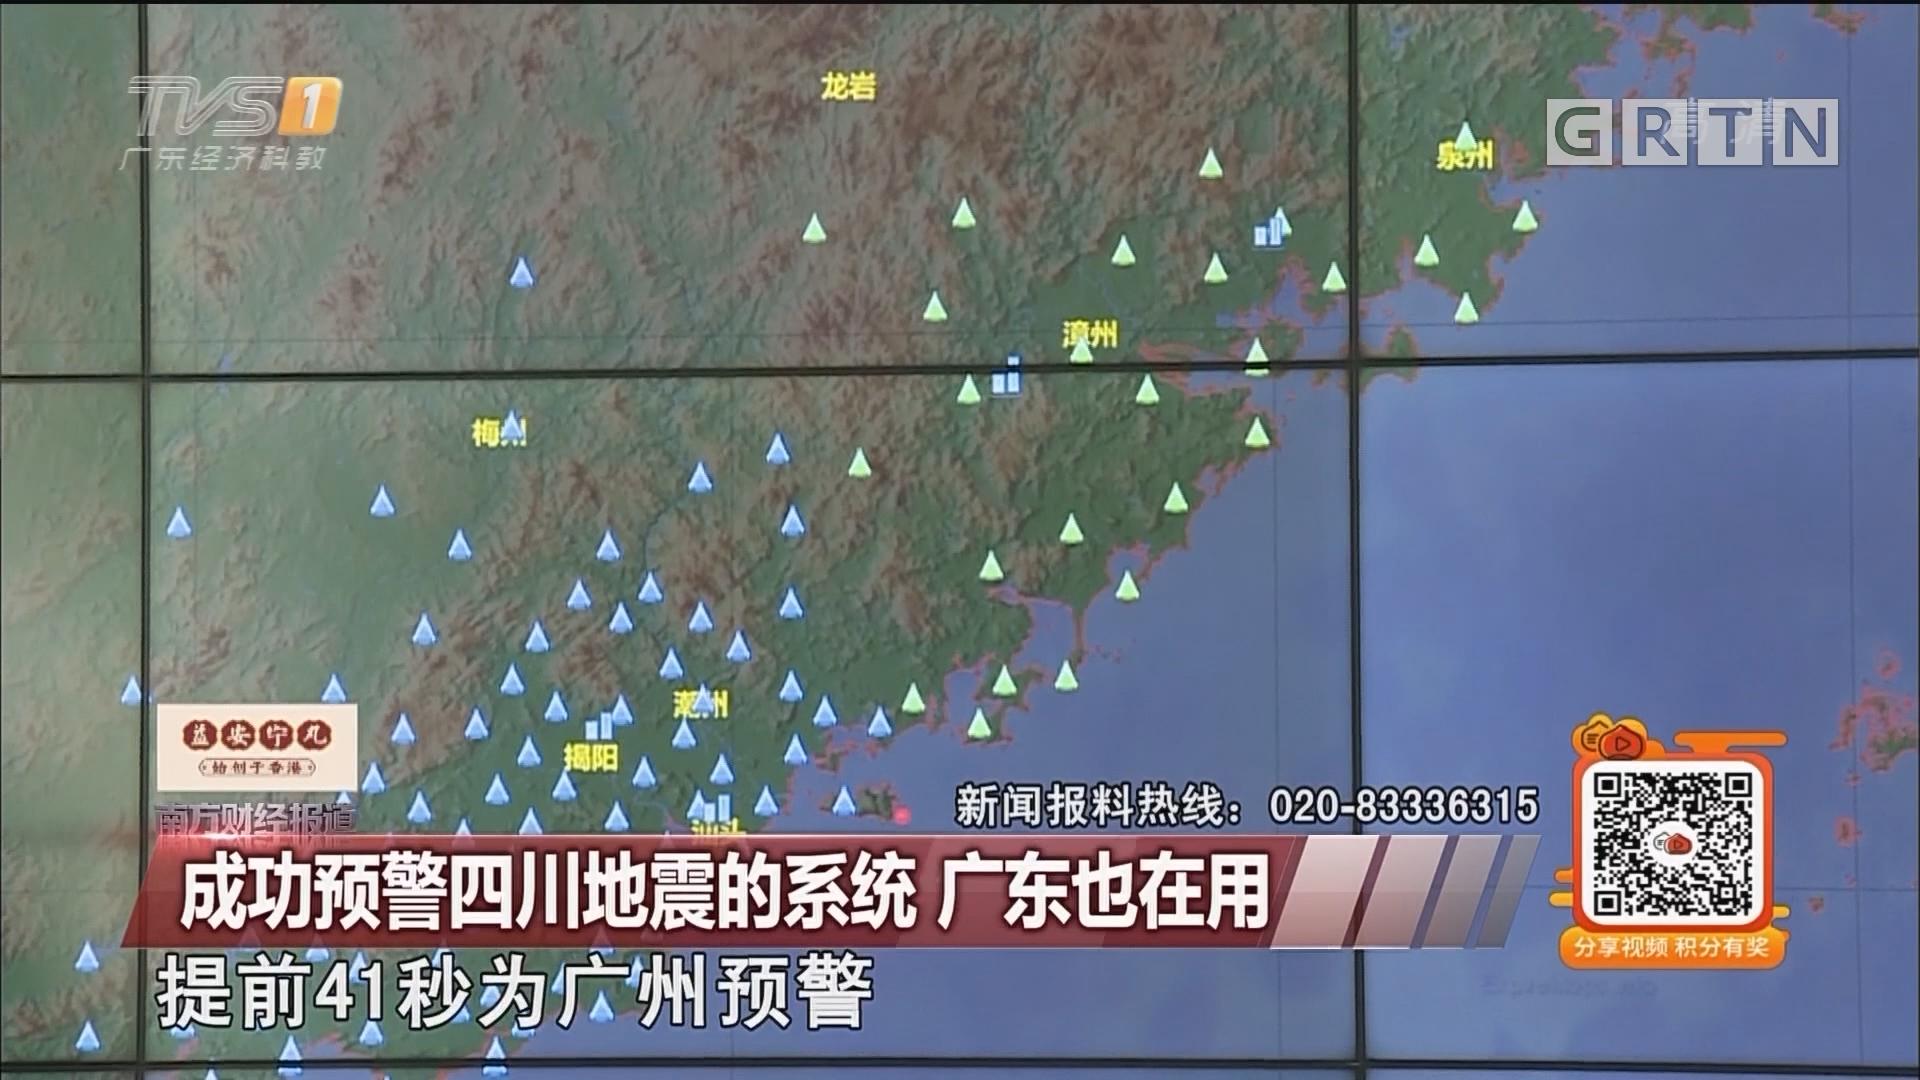 成功预警四川地震的系统 广东也在用